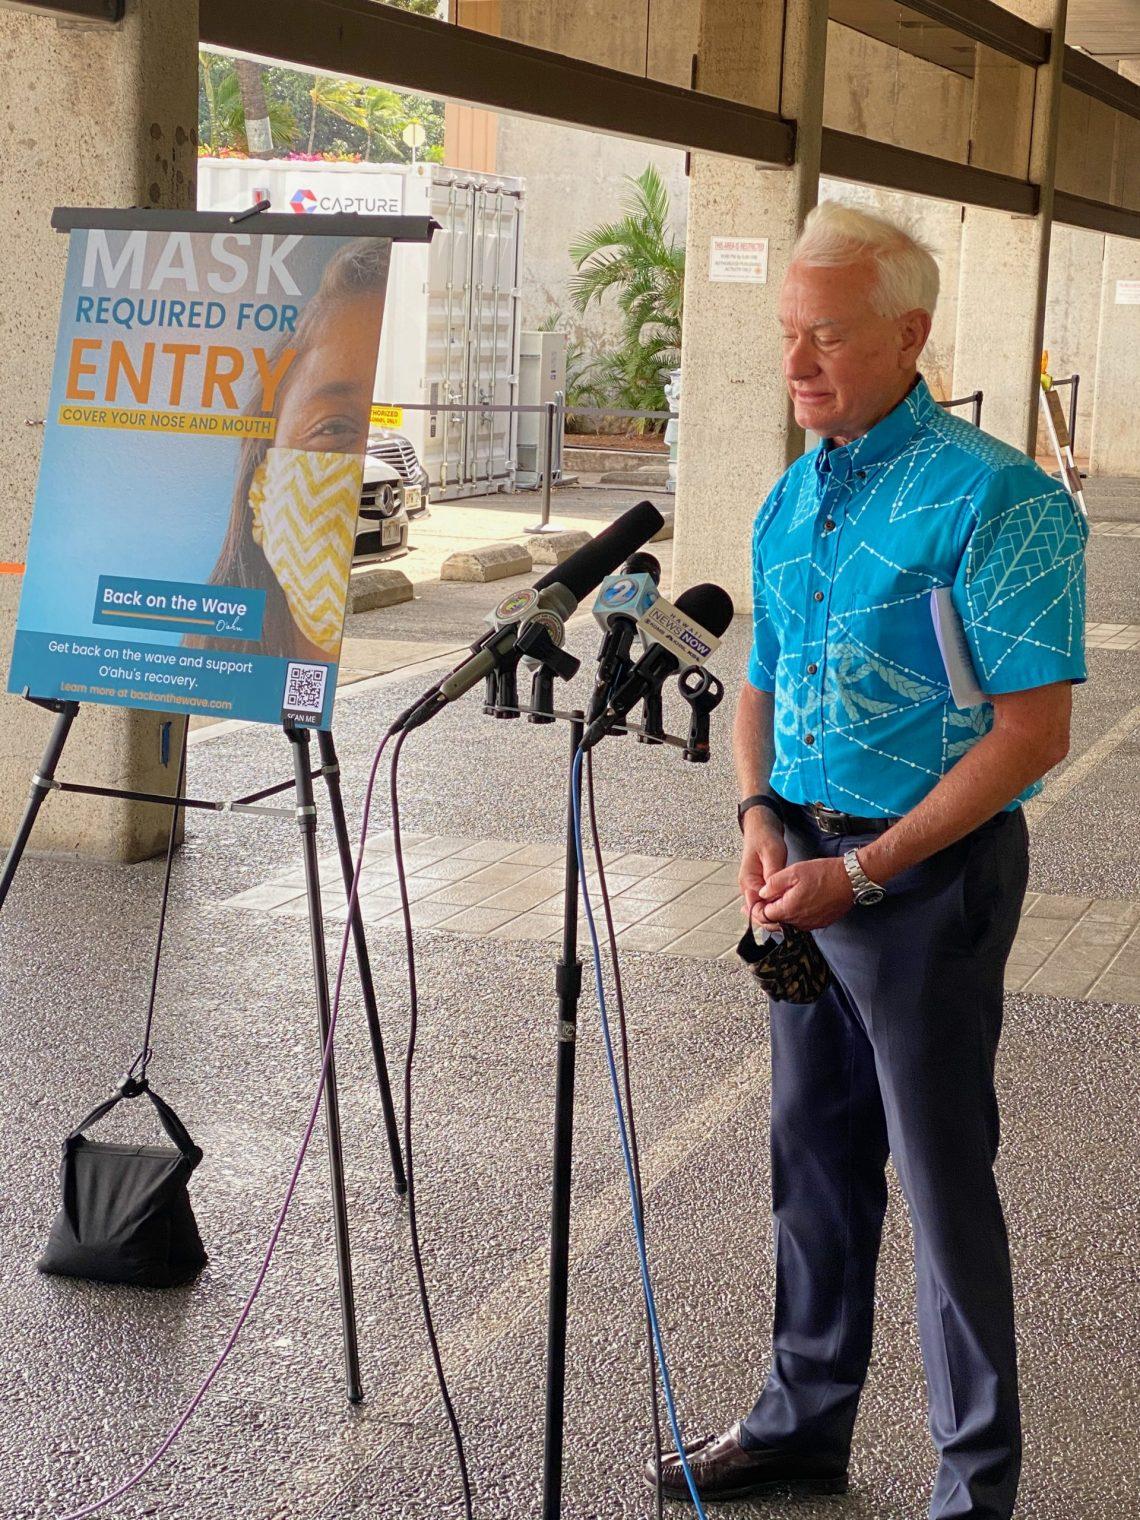 ჰავაის მონახულება ამერიკელებისთვის აღარ არის შესაძლებელი?